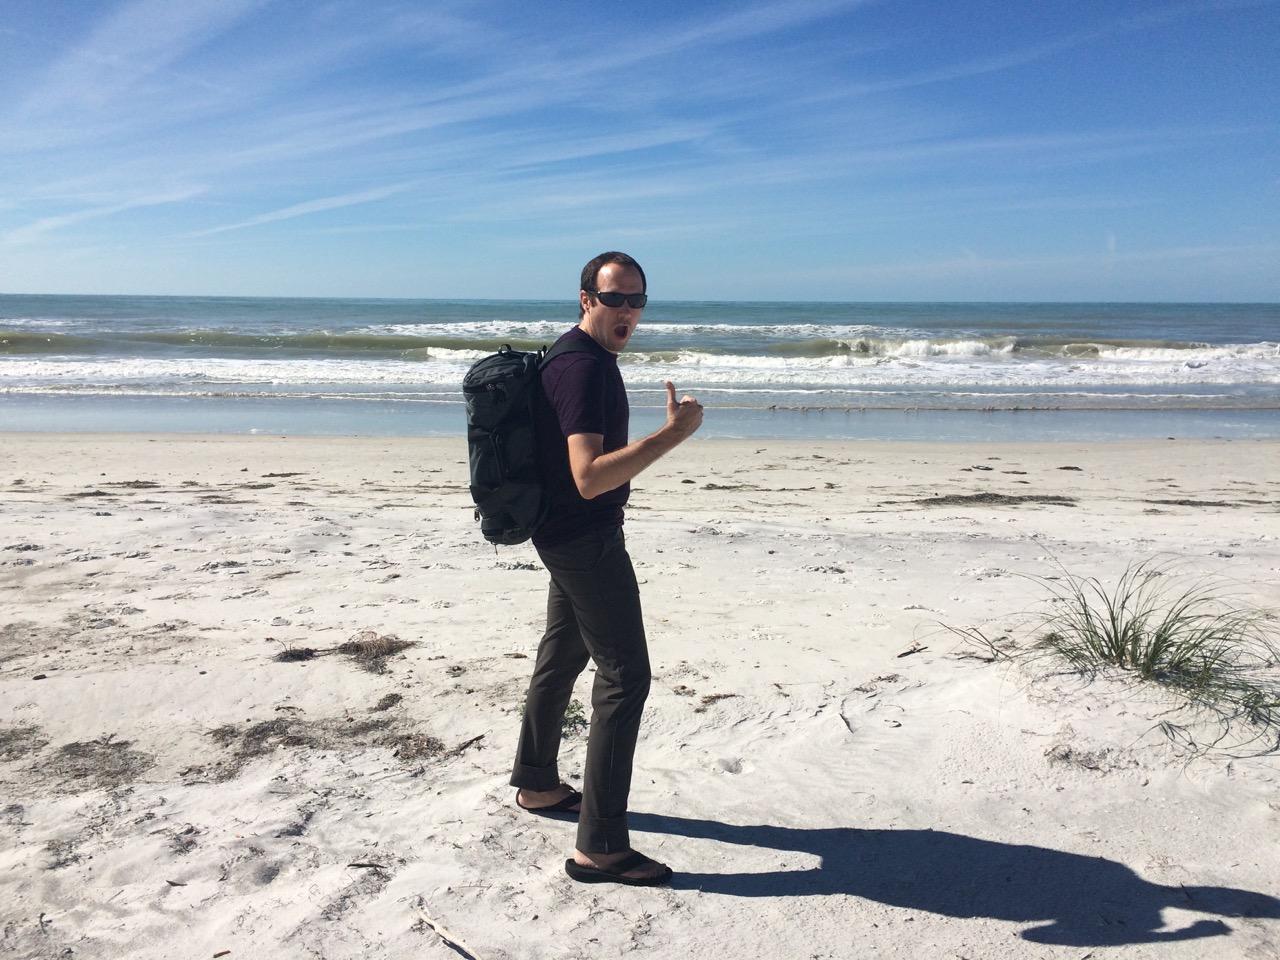 nick-tom-bihn-beach